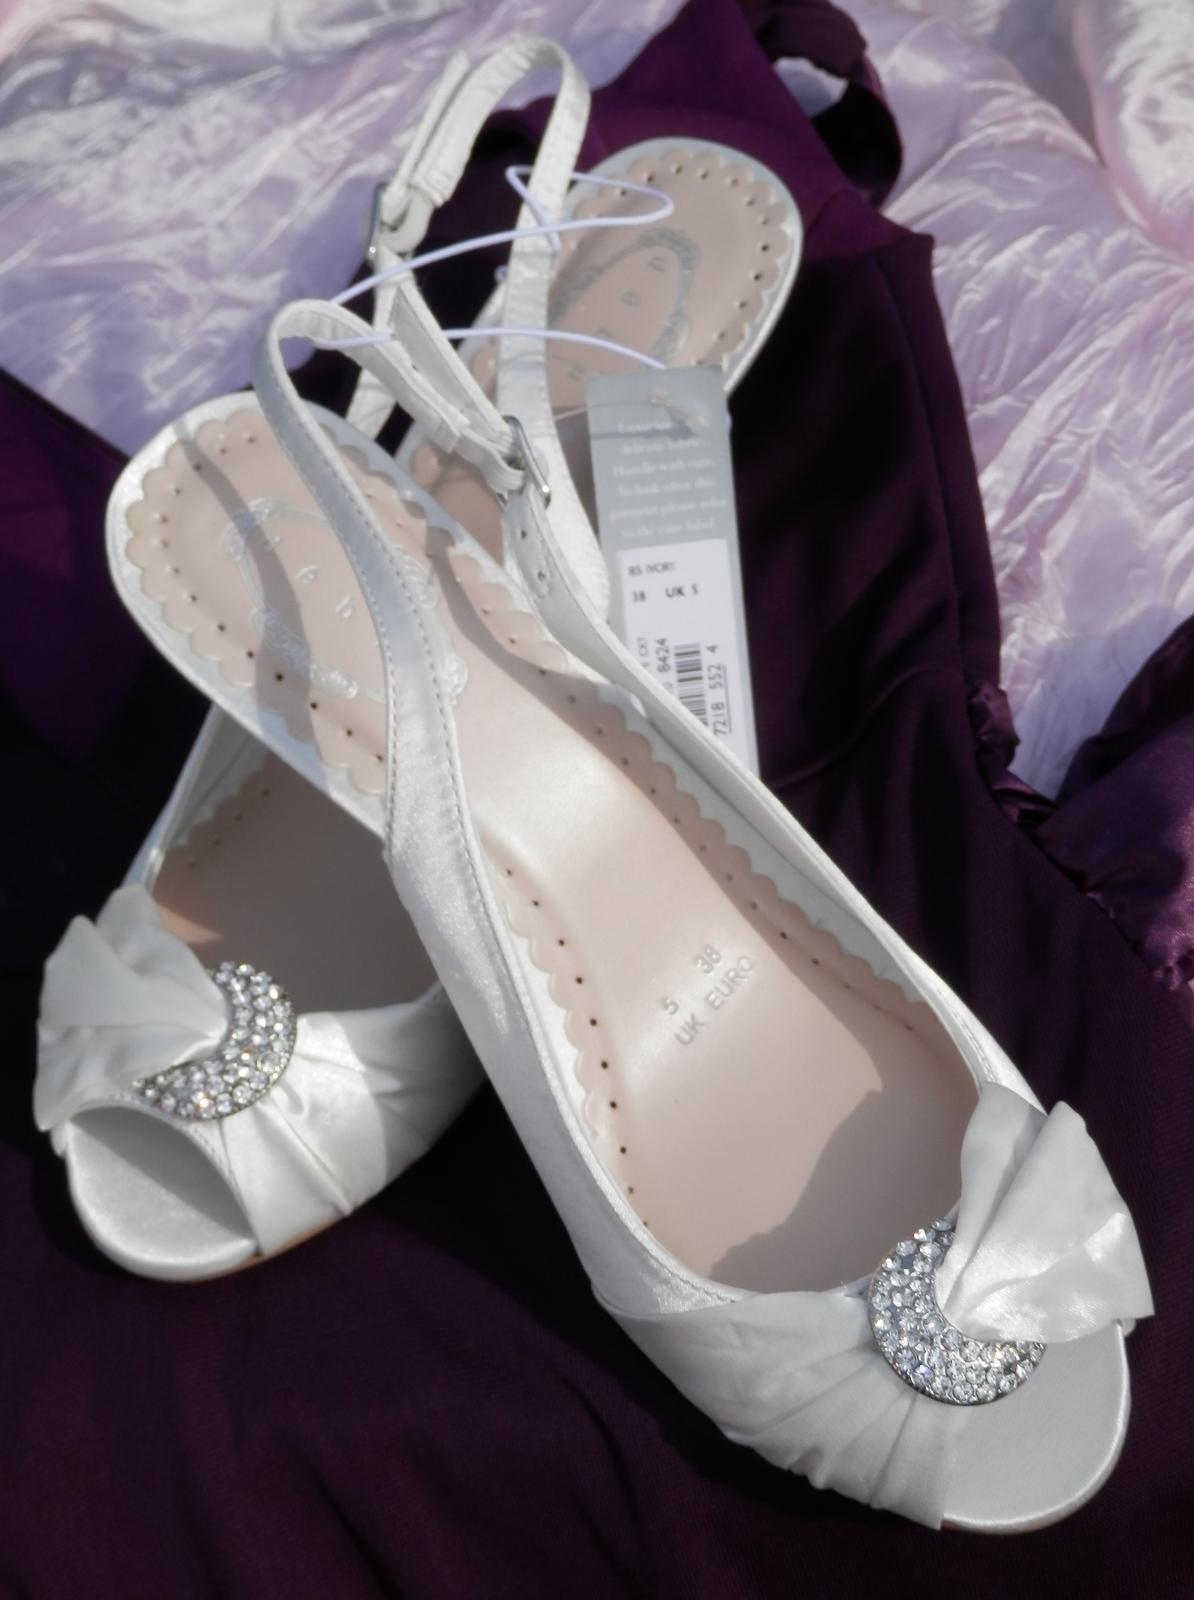 Svatební botičky s broží - Obrázek č. 1